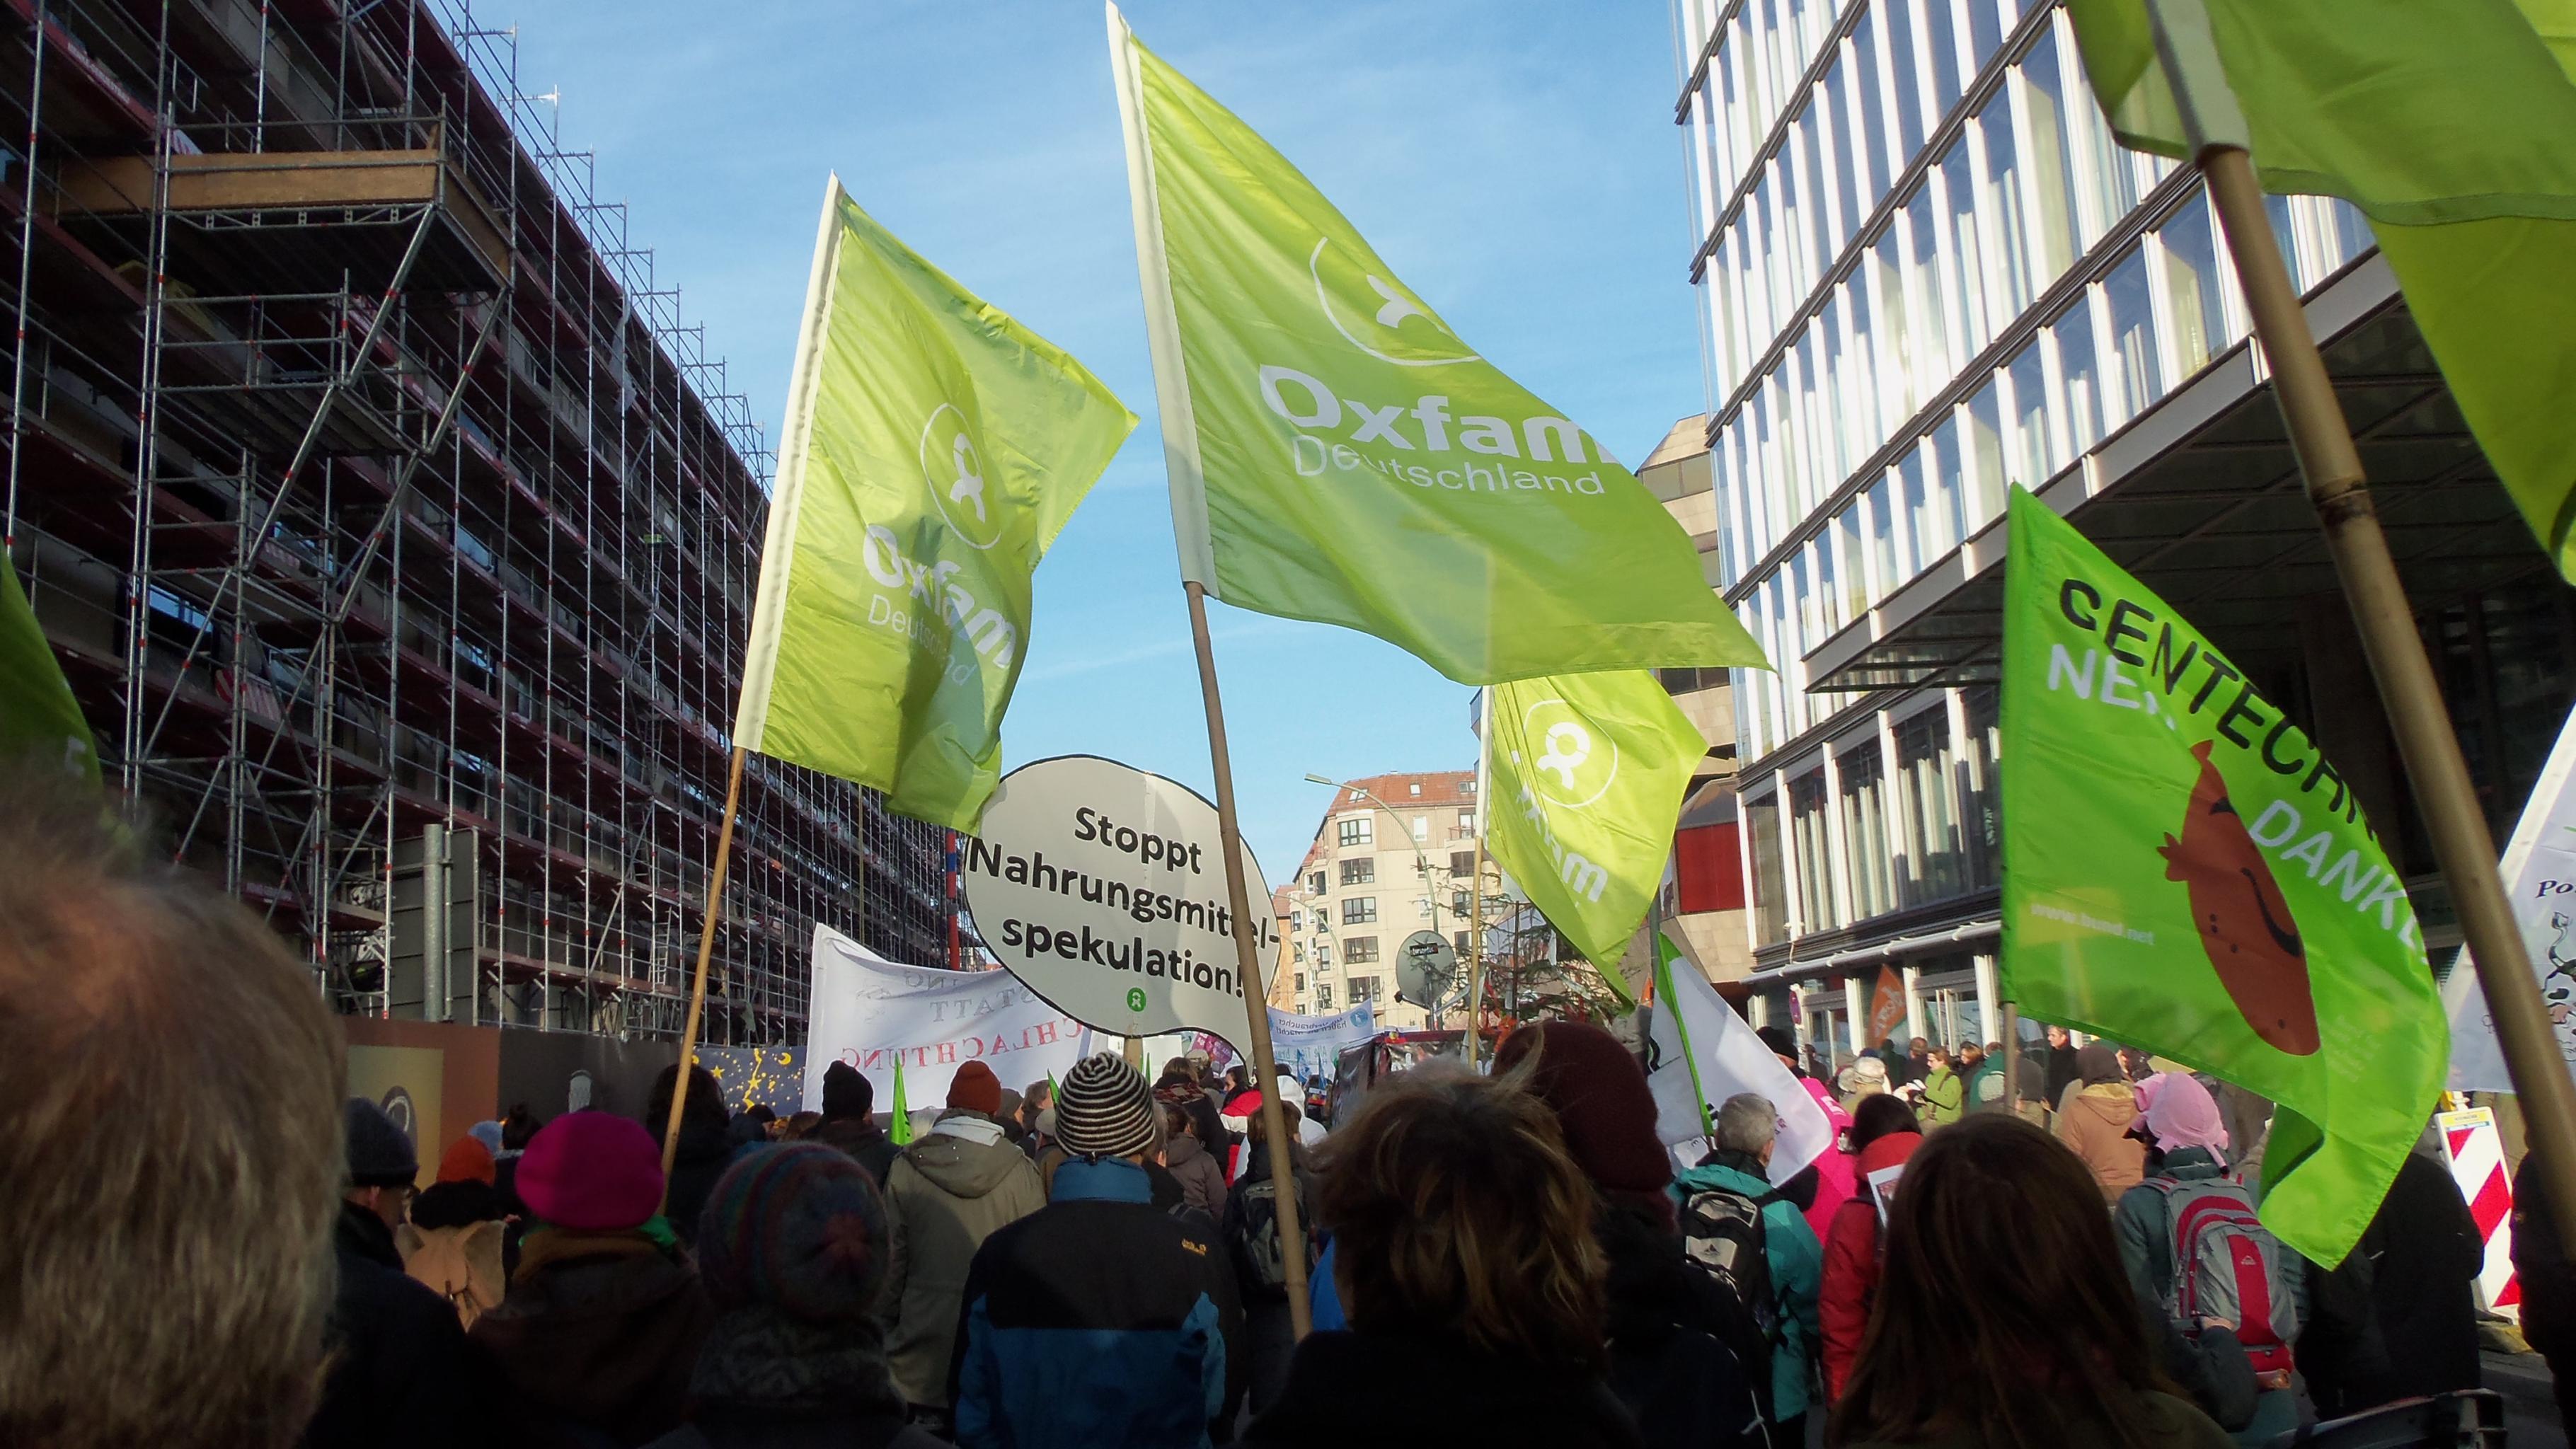 Demonstranten mit Oxfam-Fahnen auf den Straßen Berlins